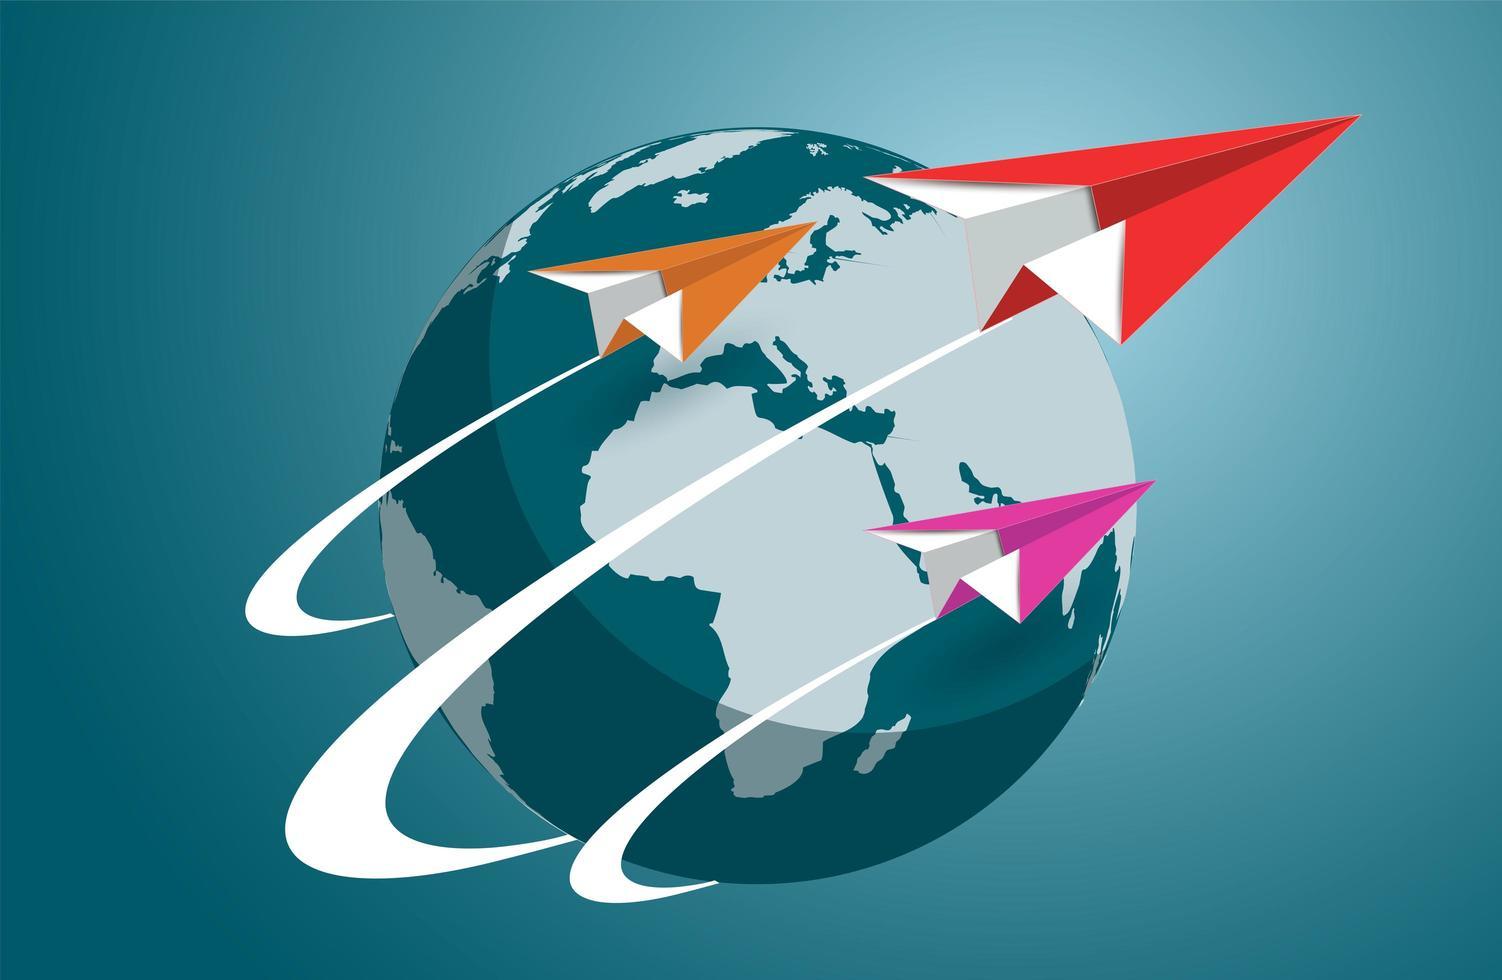 pappersplan som flyger runt om i världen vektor